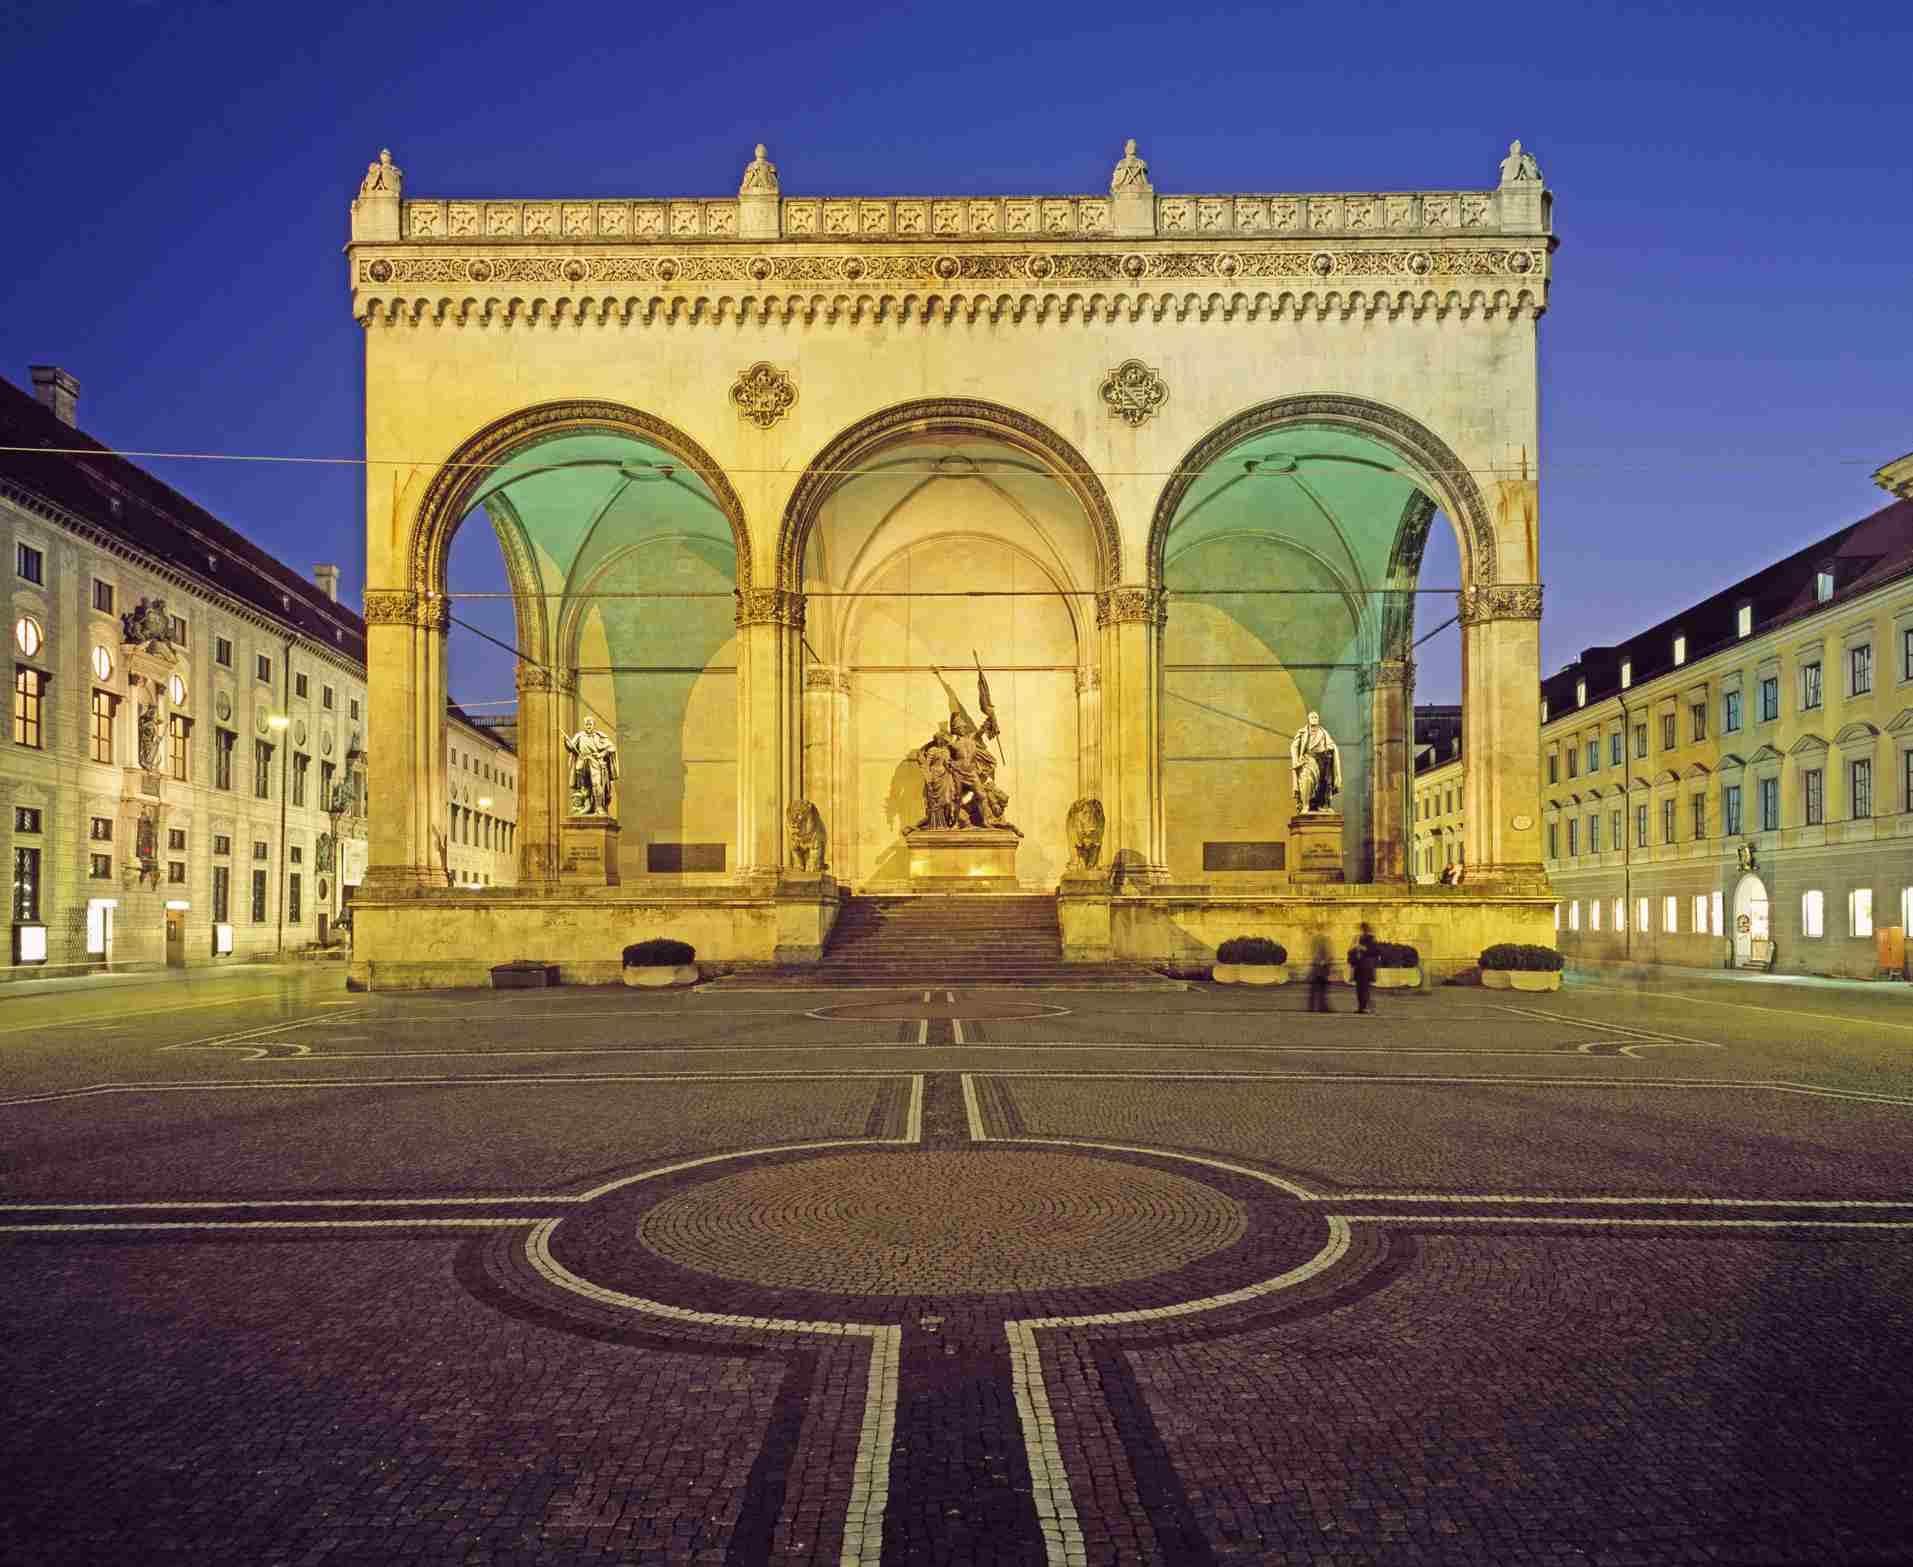 munichs odeonplatz - Munchen Must See